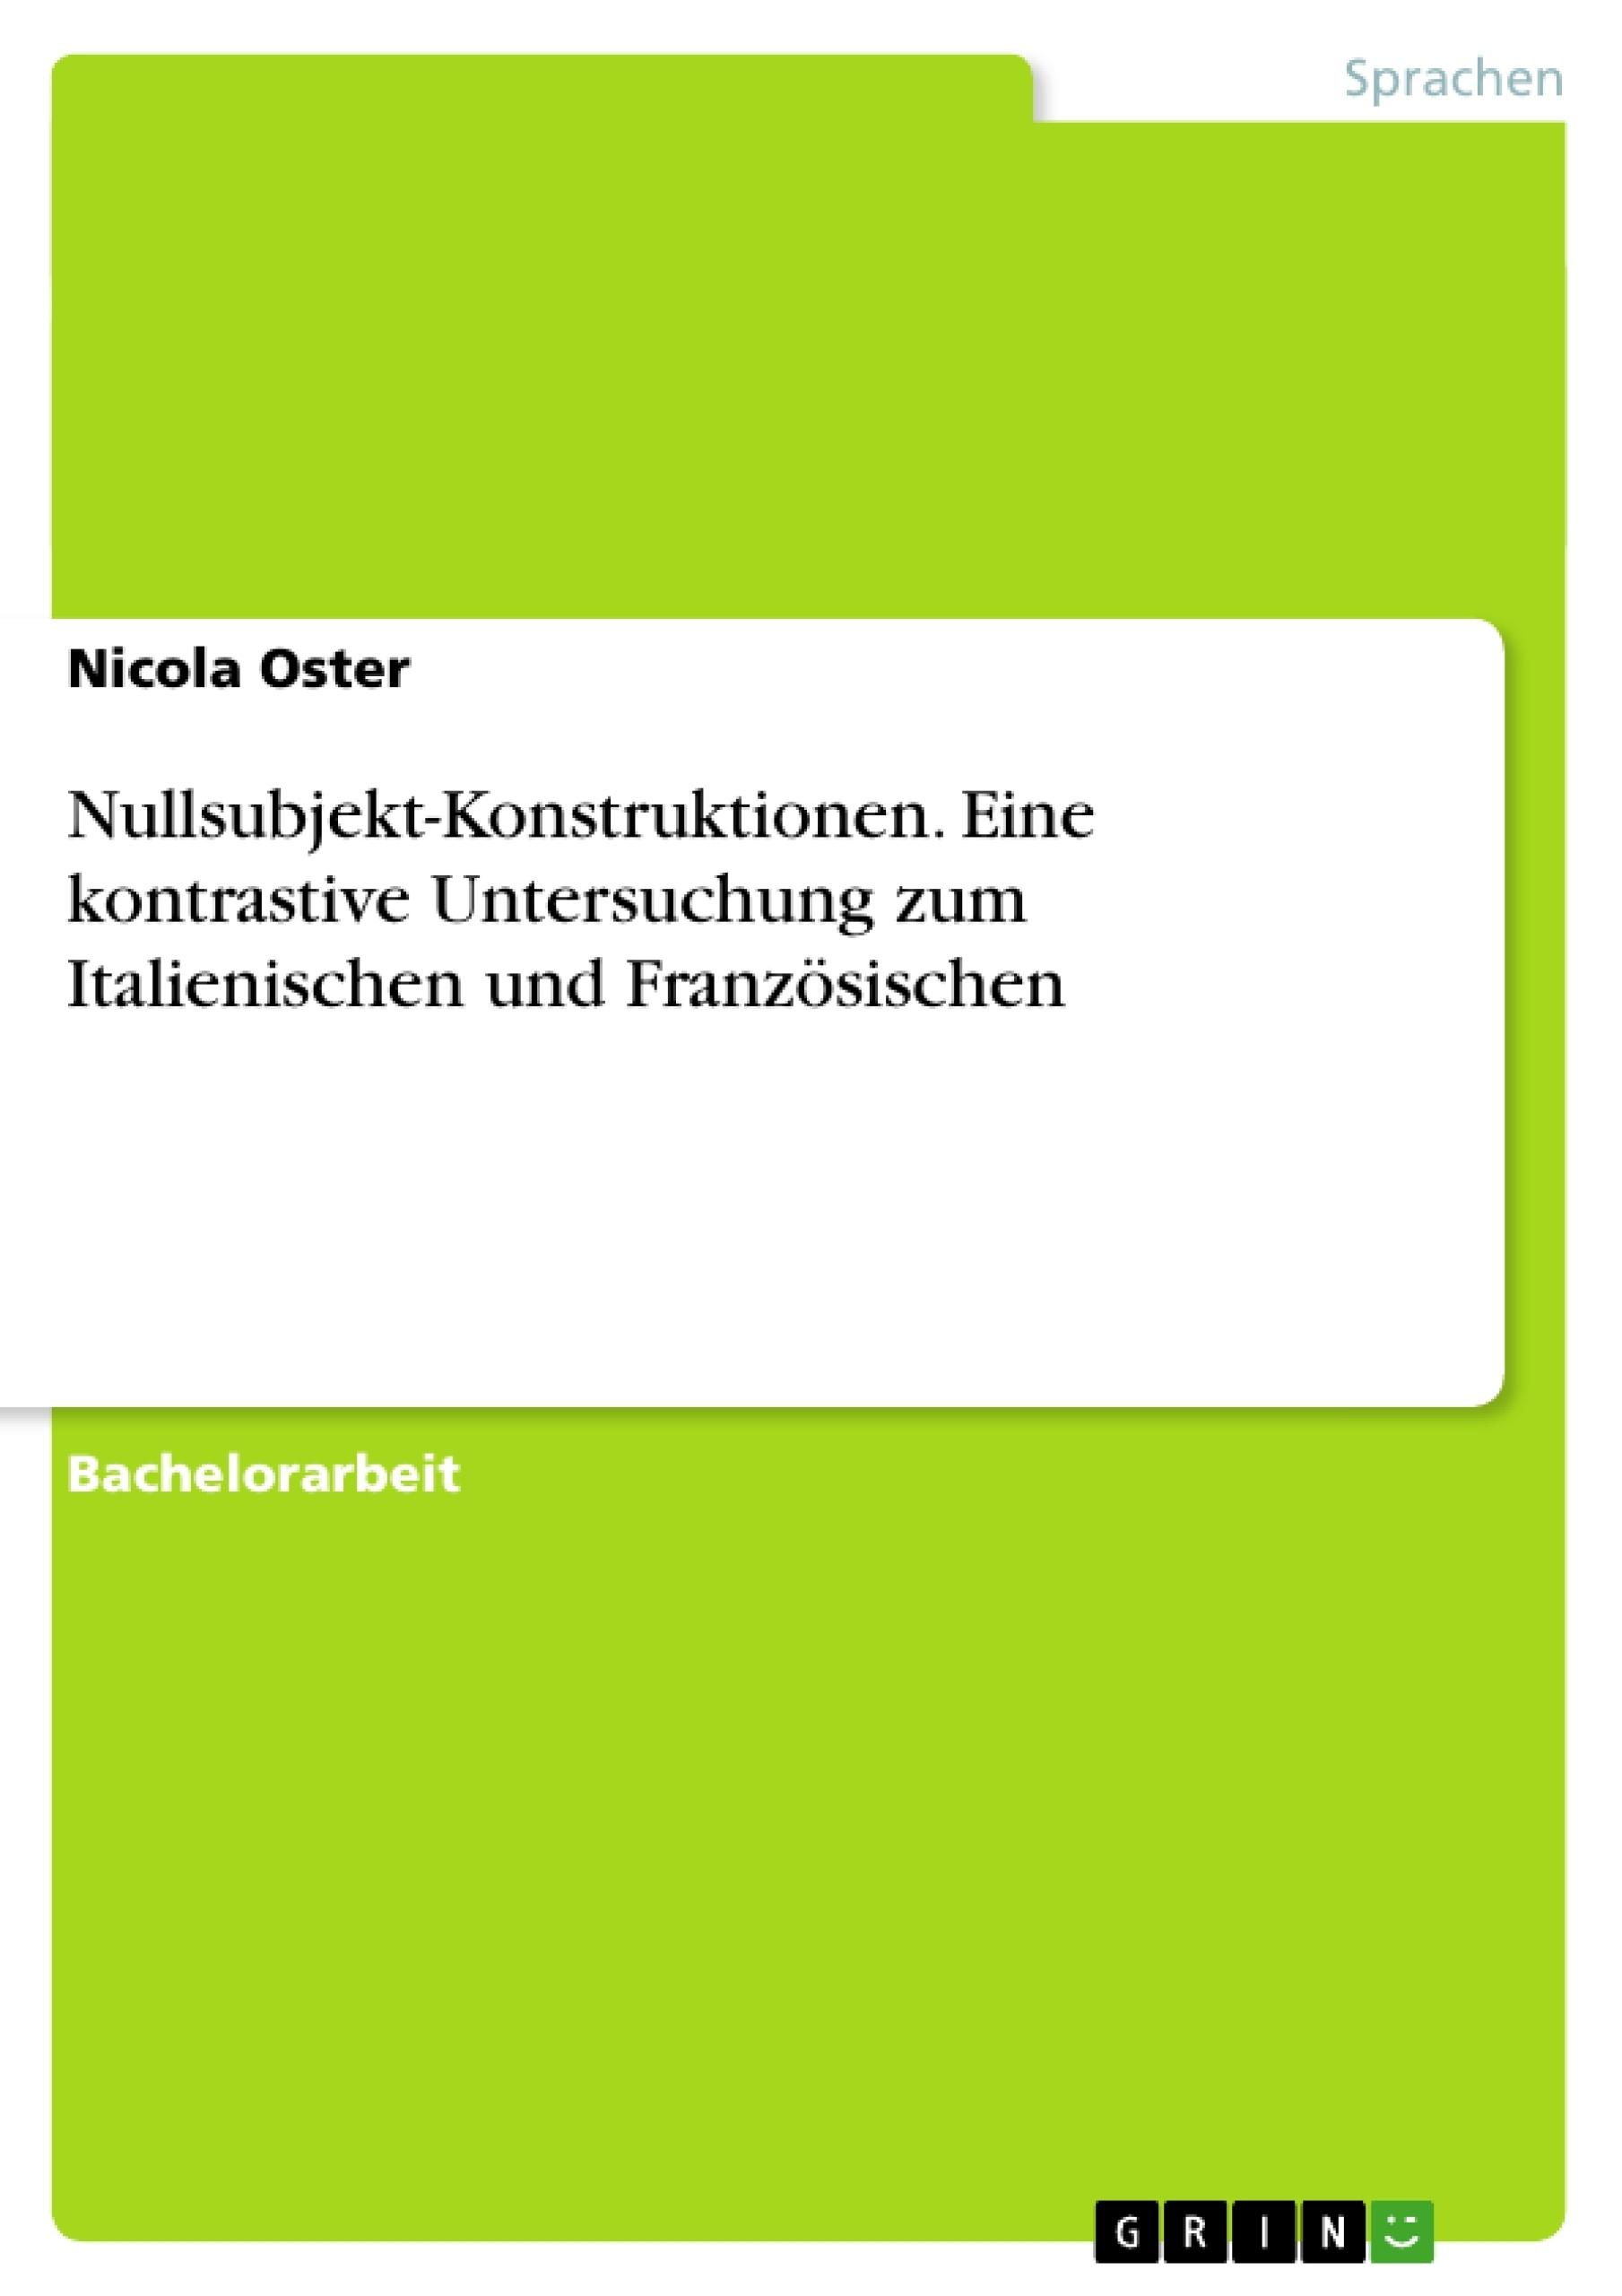 Titel: Nullsubjekt-Konstruktionen. Eine kontrastive Untersuchung zum Italienischen und Französischen